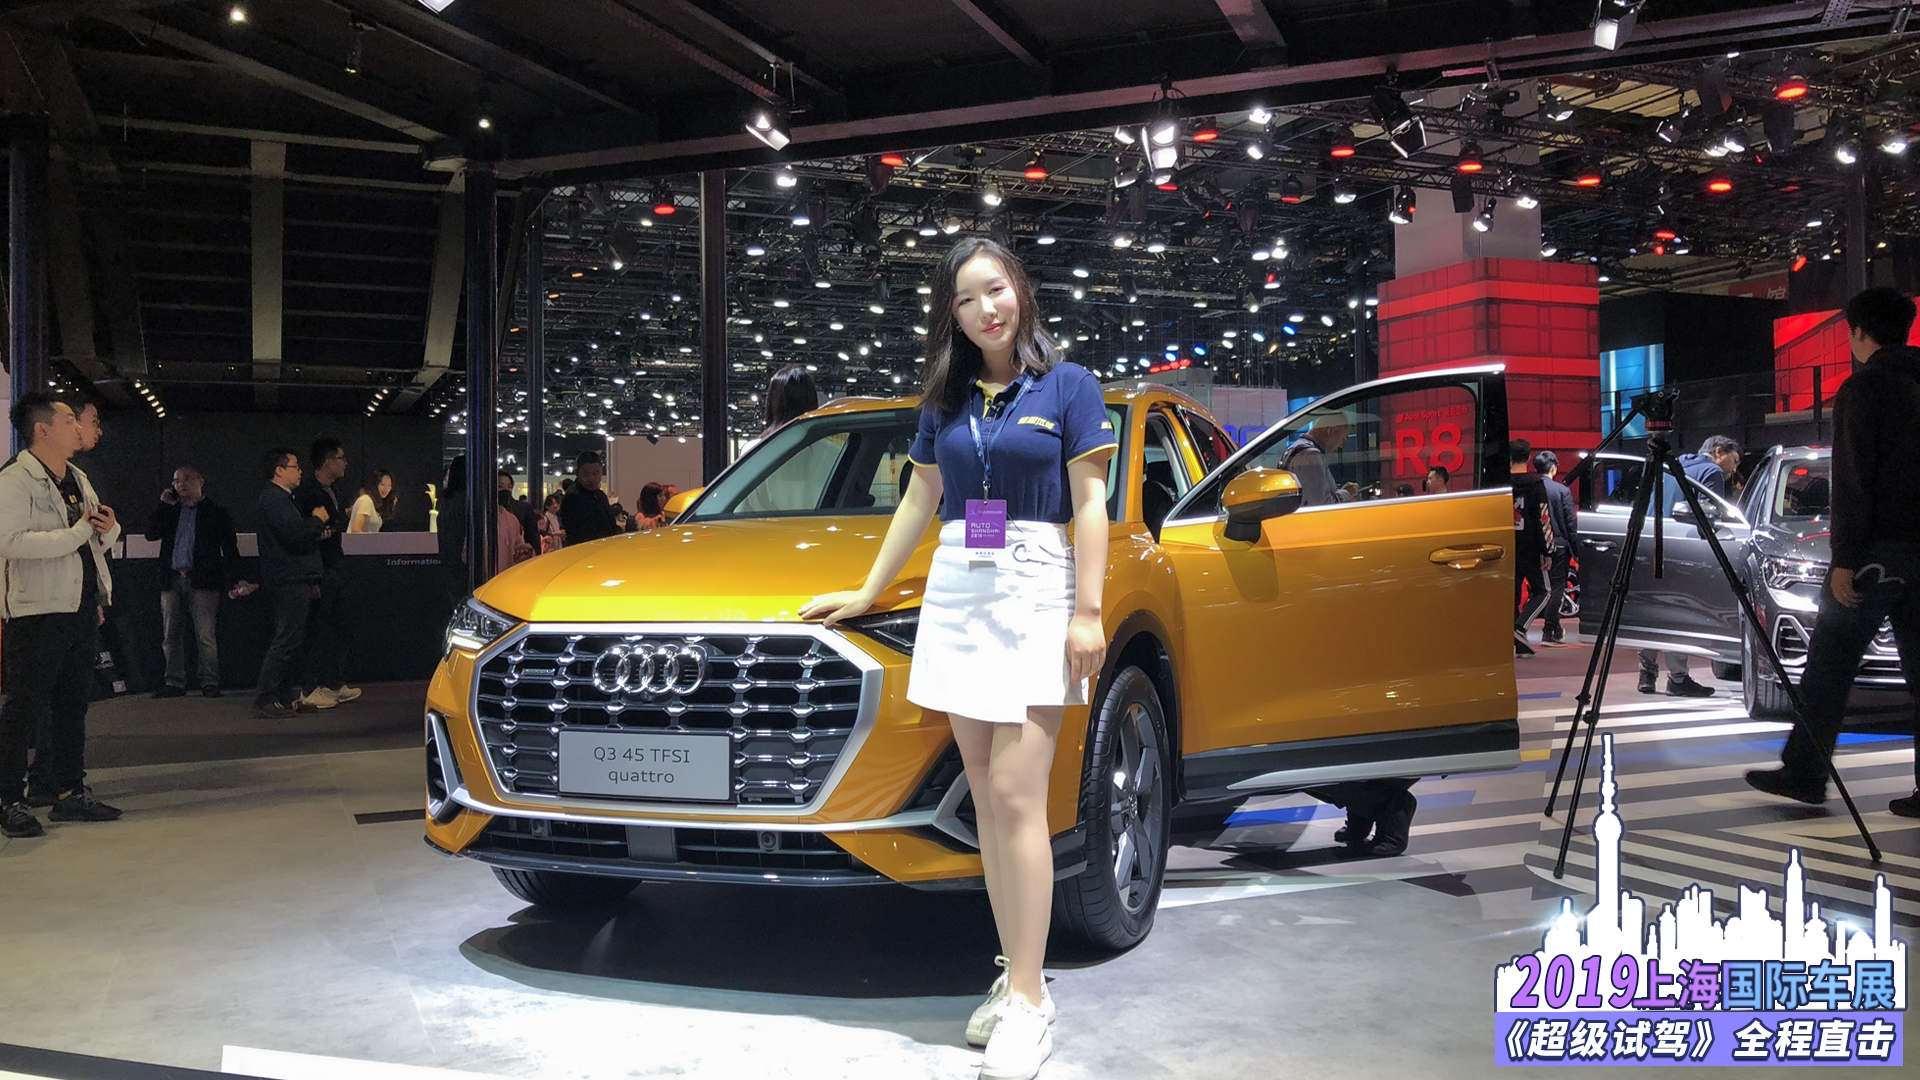 全新奥迪Q3打头阵 上海车展豪华SUV 6车横评!